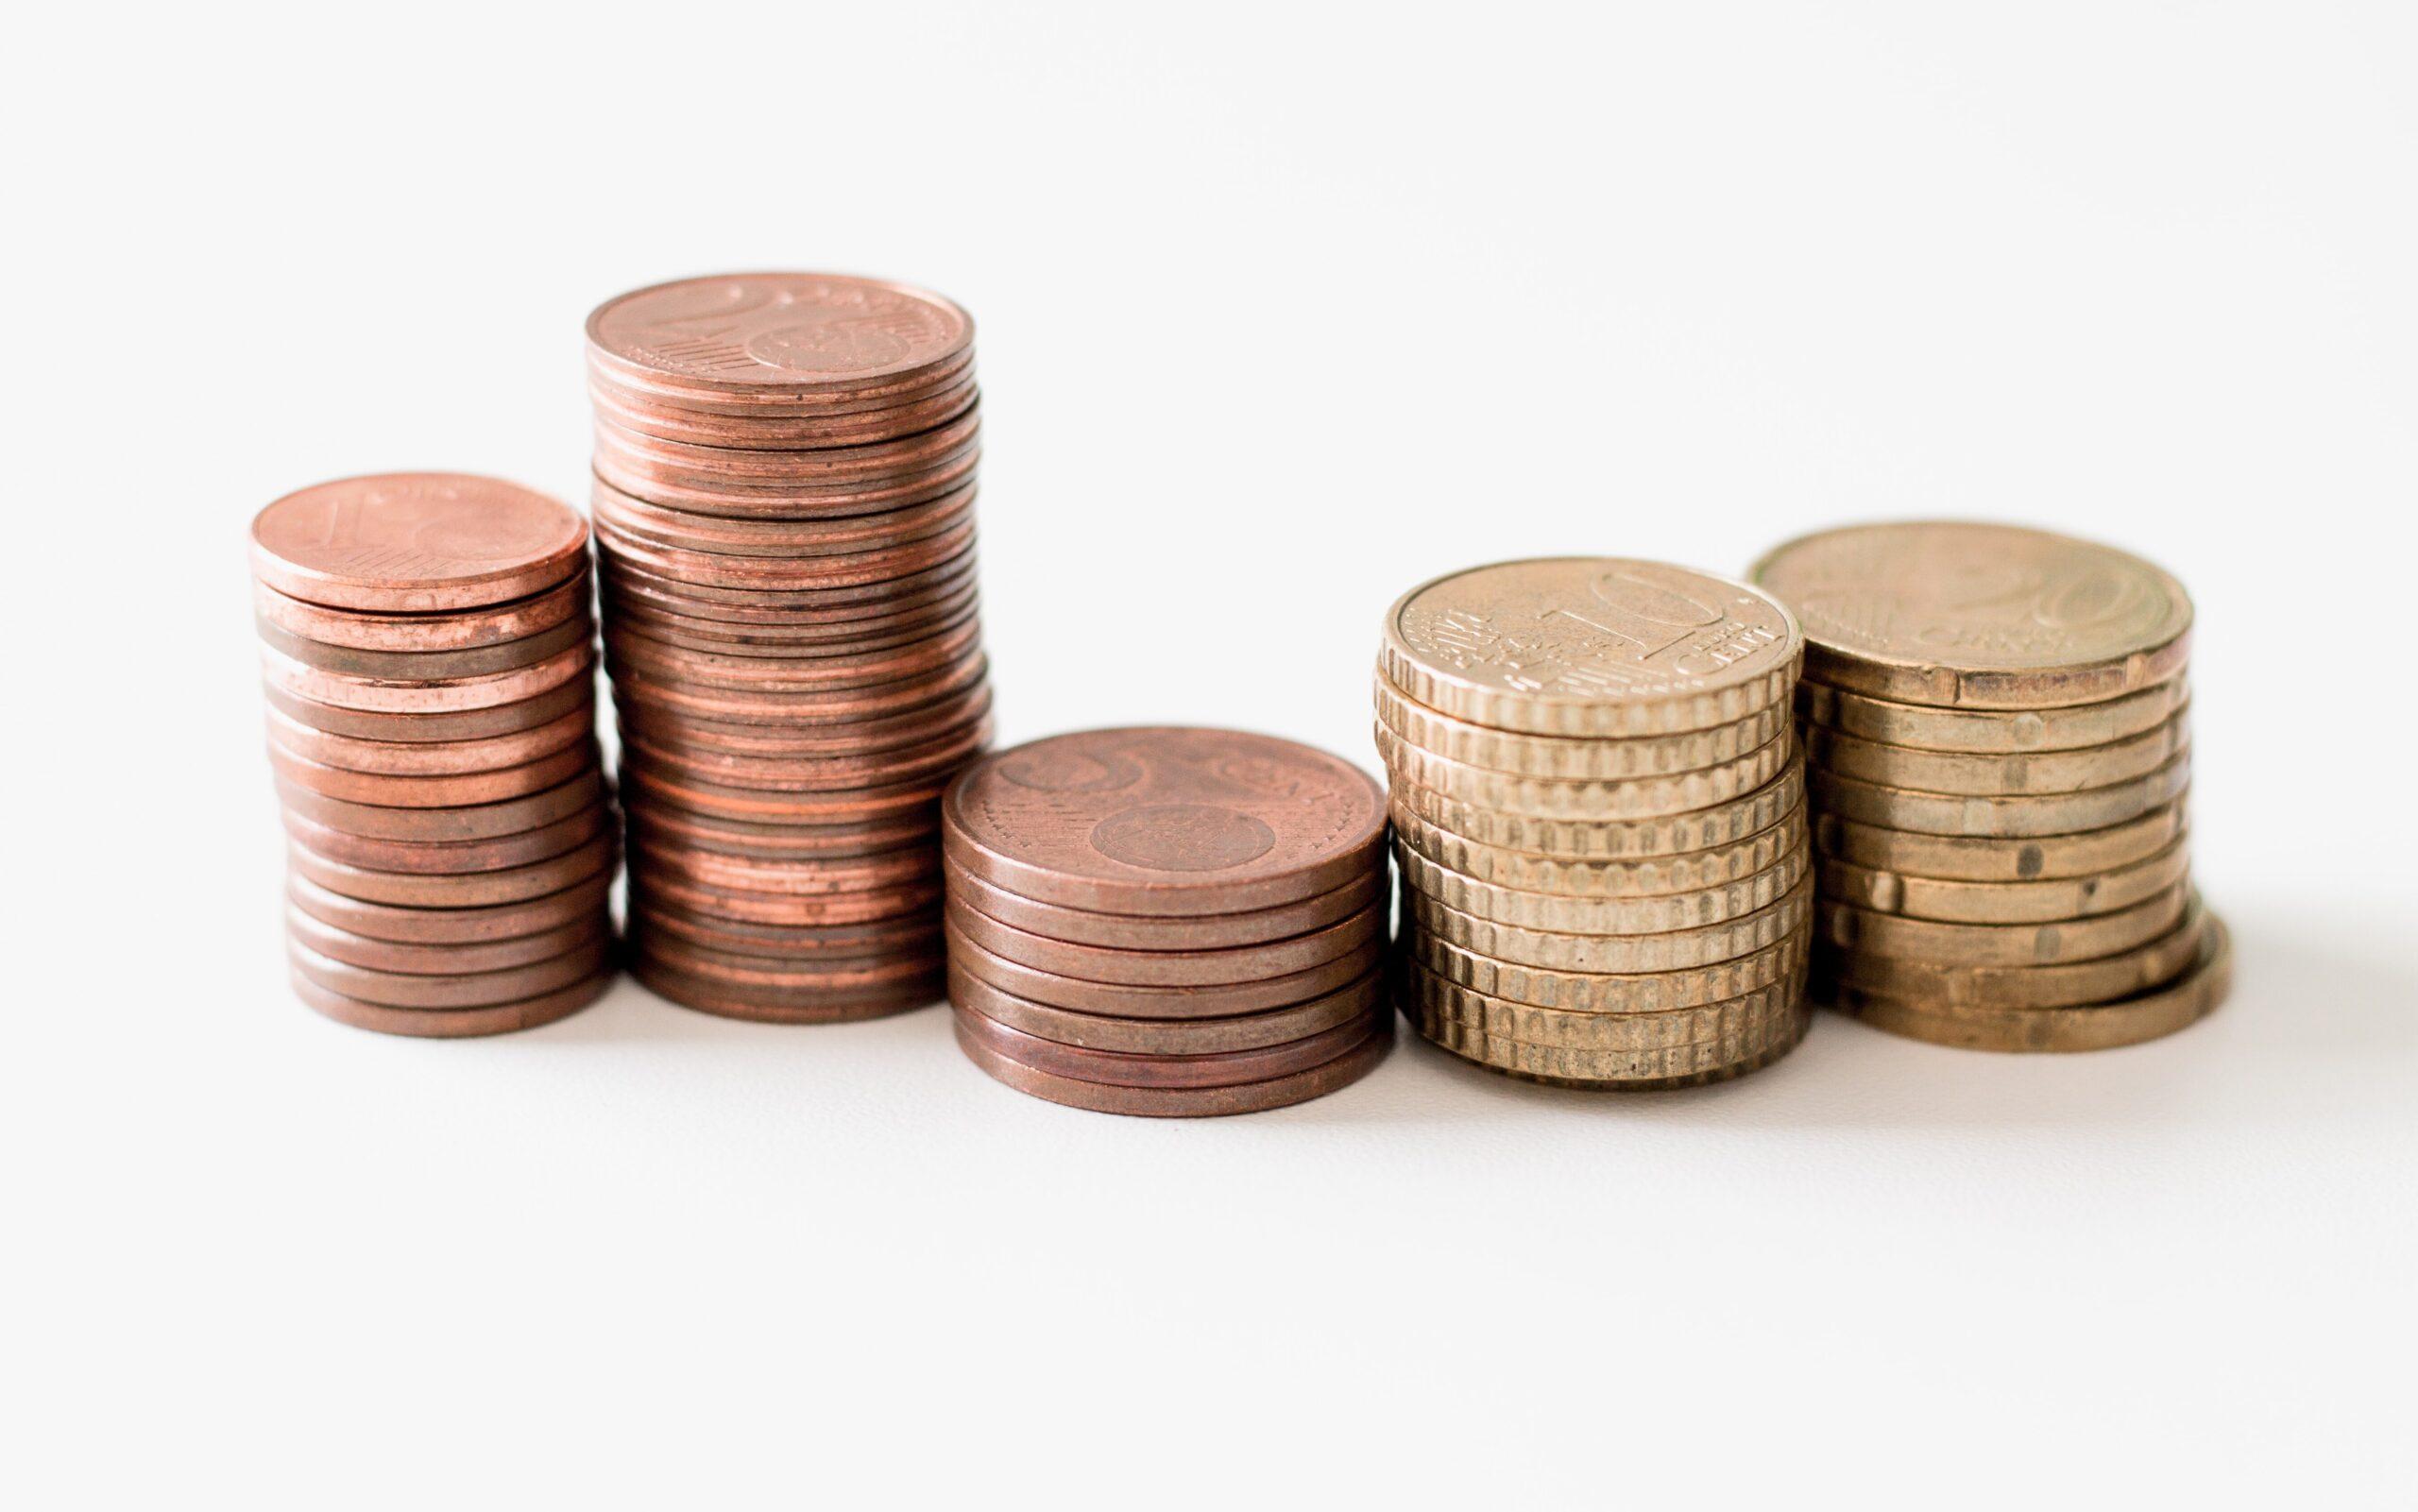 積みあがったお金の硬貨